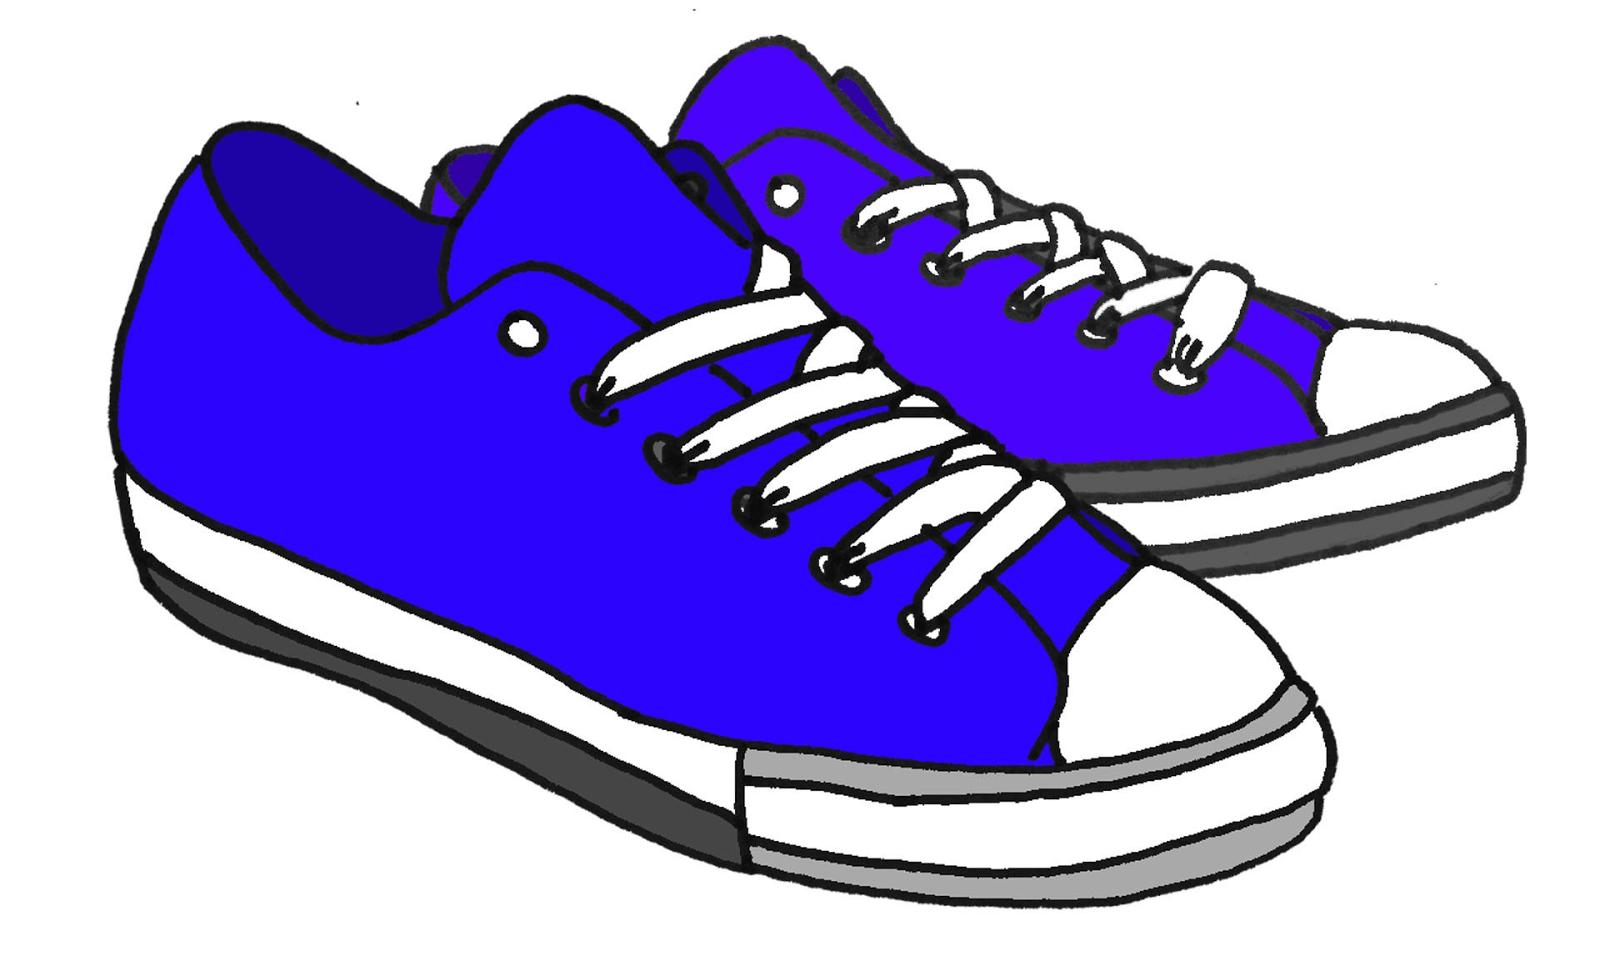 Shoe clipart 3